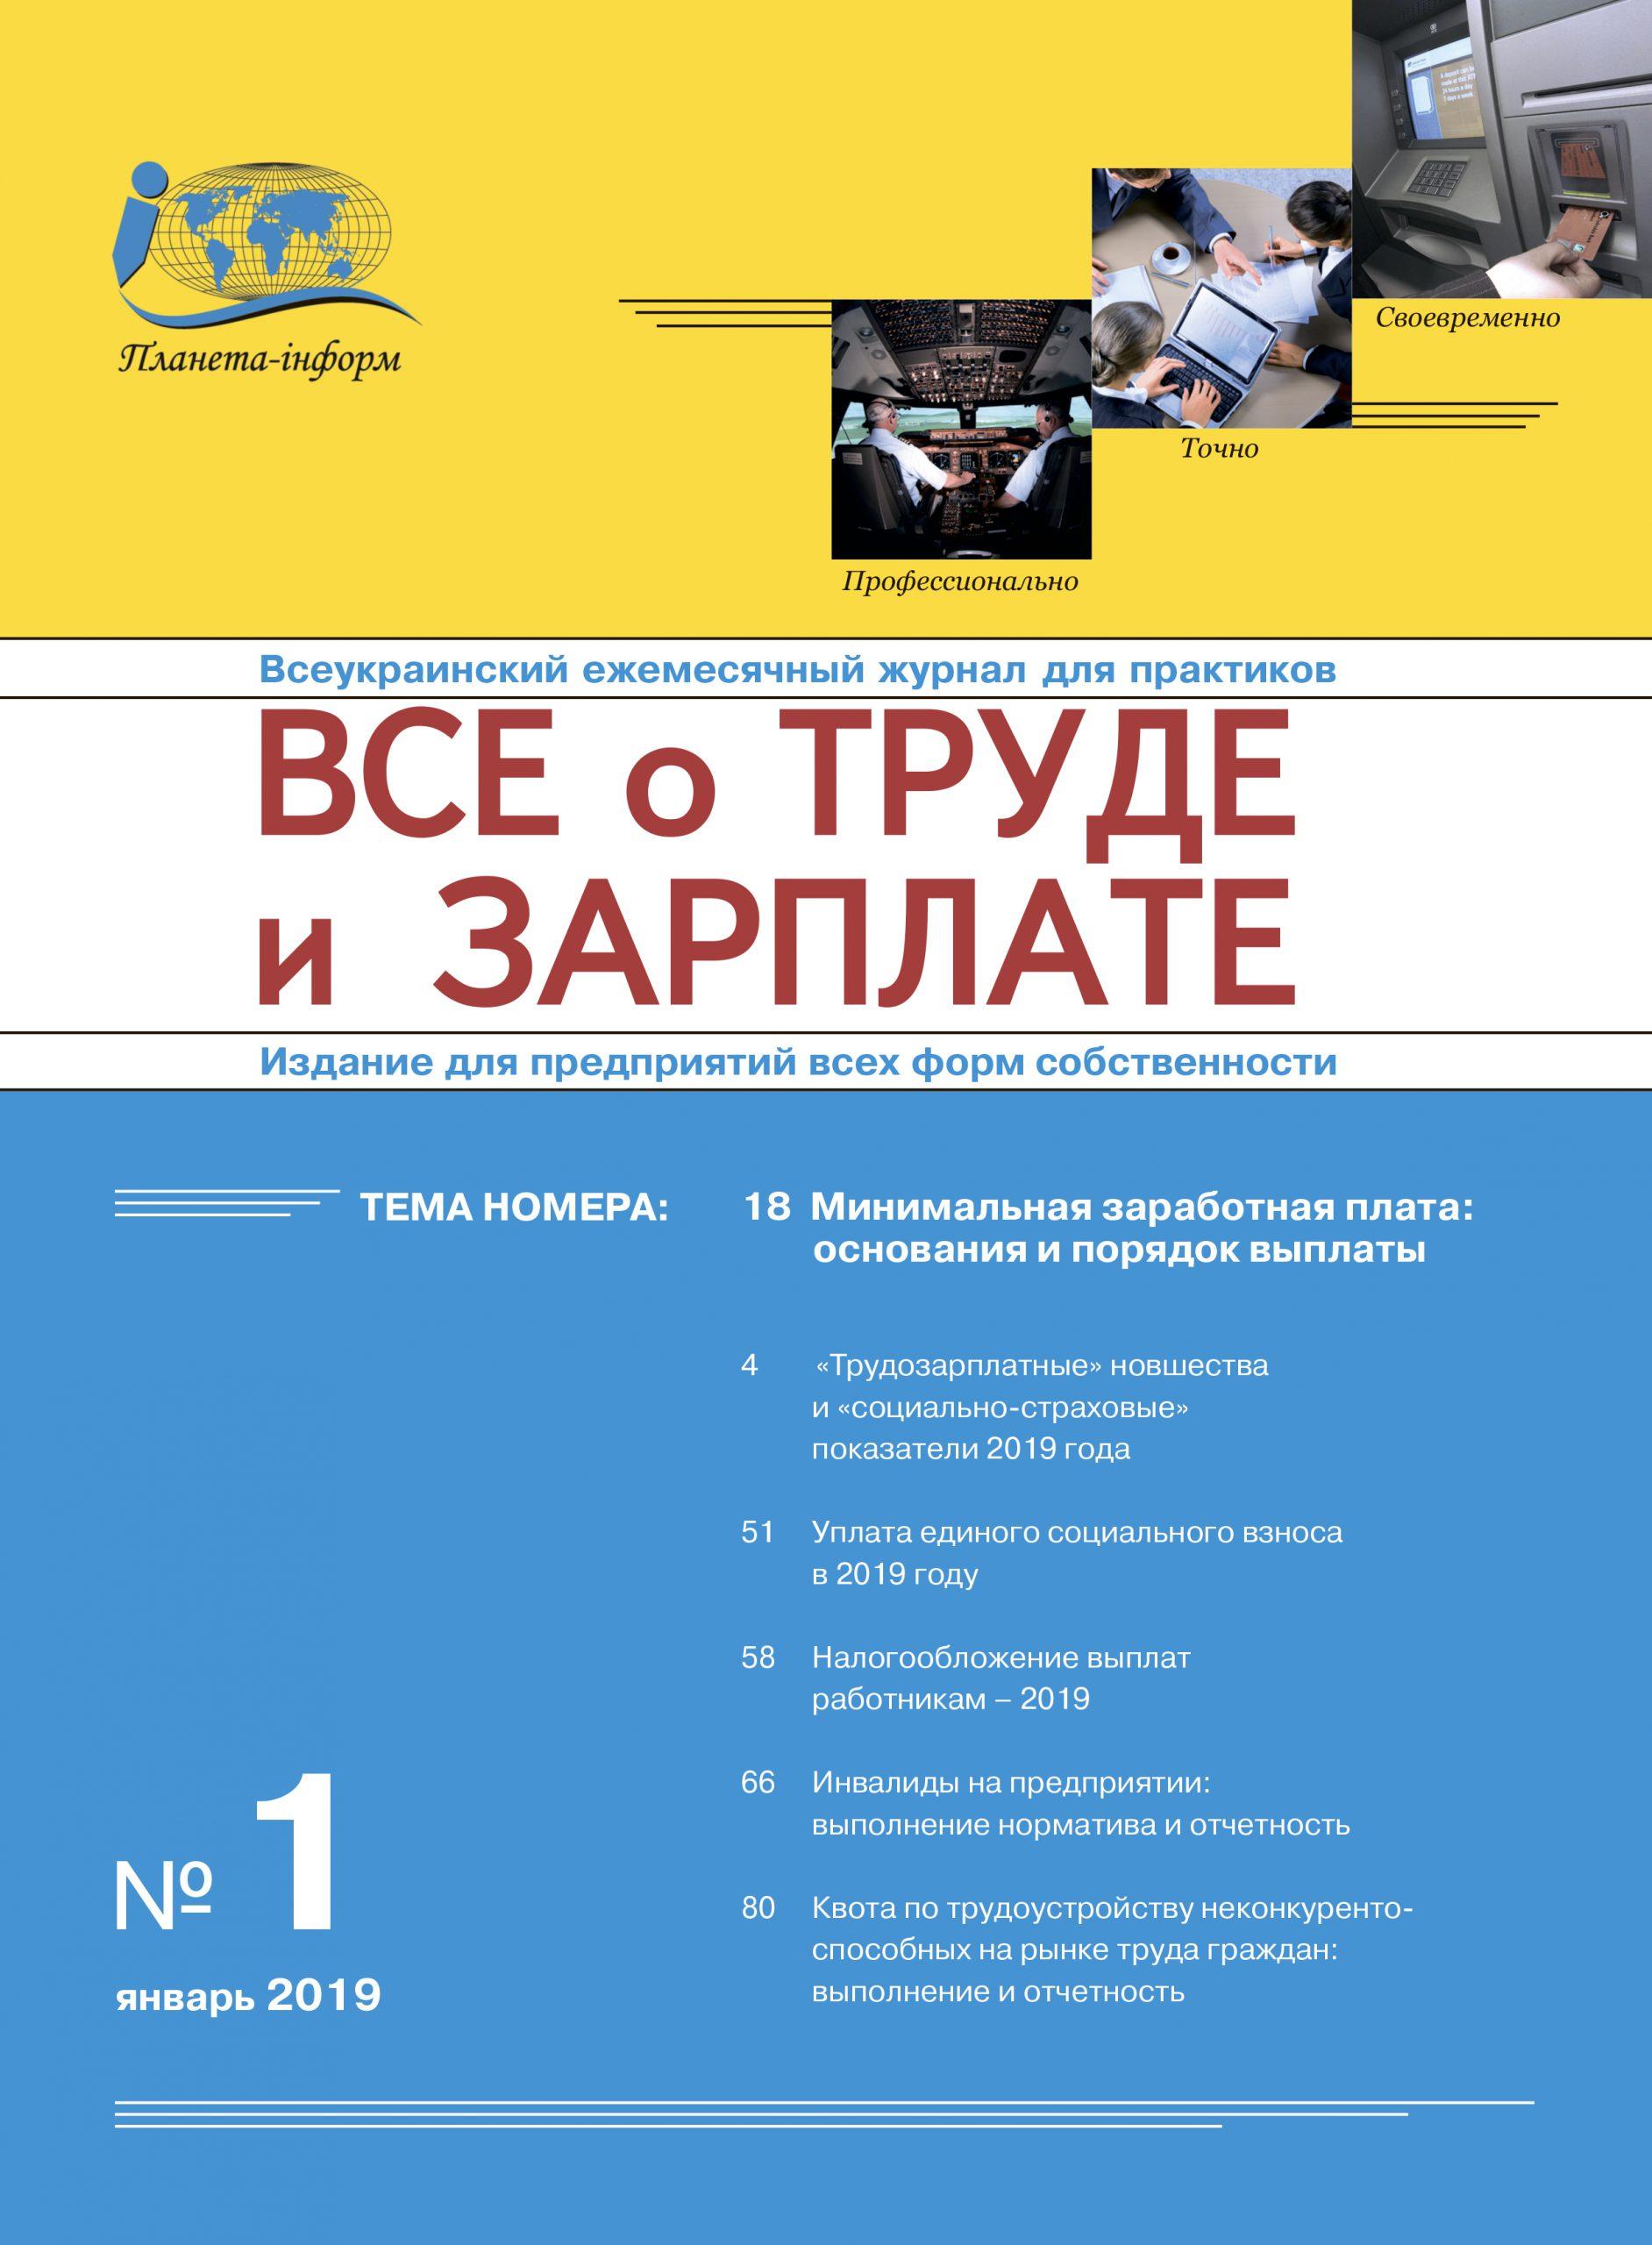 Журнал Все о труде и зарплате № 1/2019